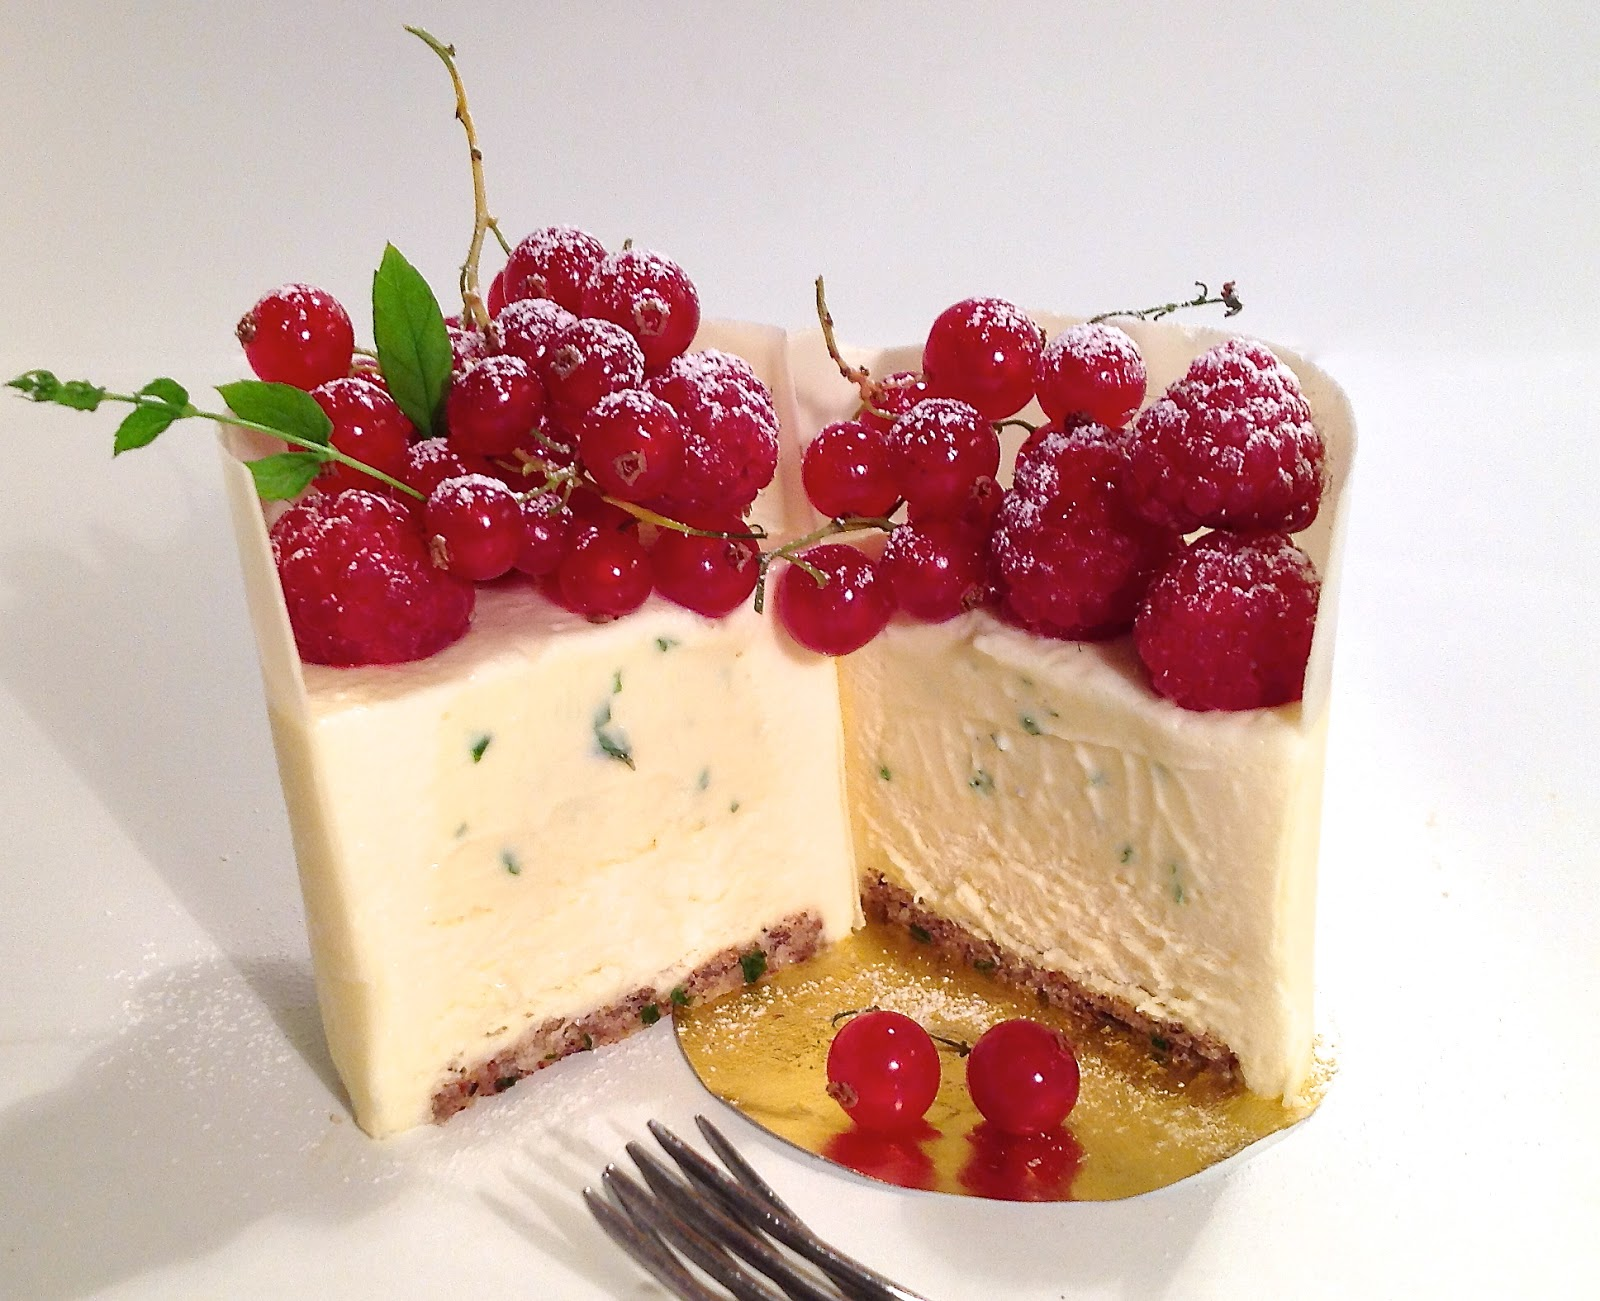 ... mousse tart raspberry lemon mousse tart lemon raspberry mousse tart